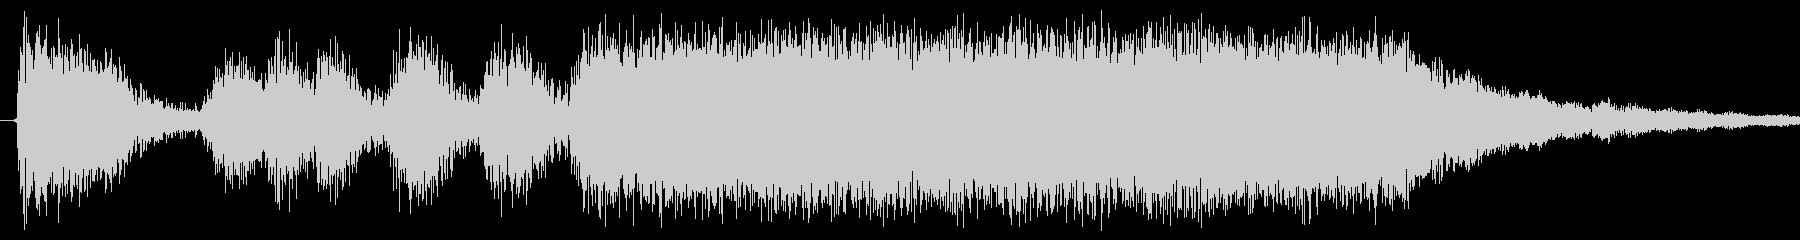 ゲームでステージクリアに使う曲の未再生の波形